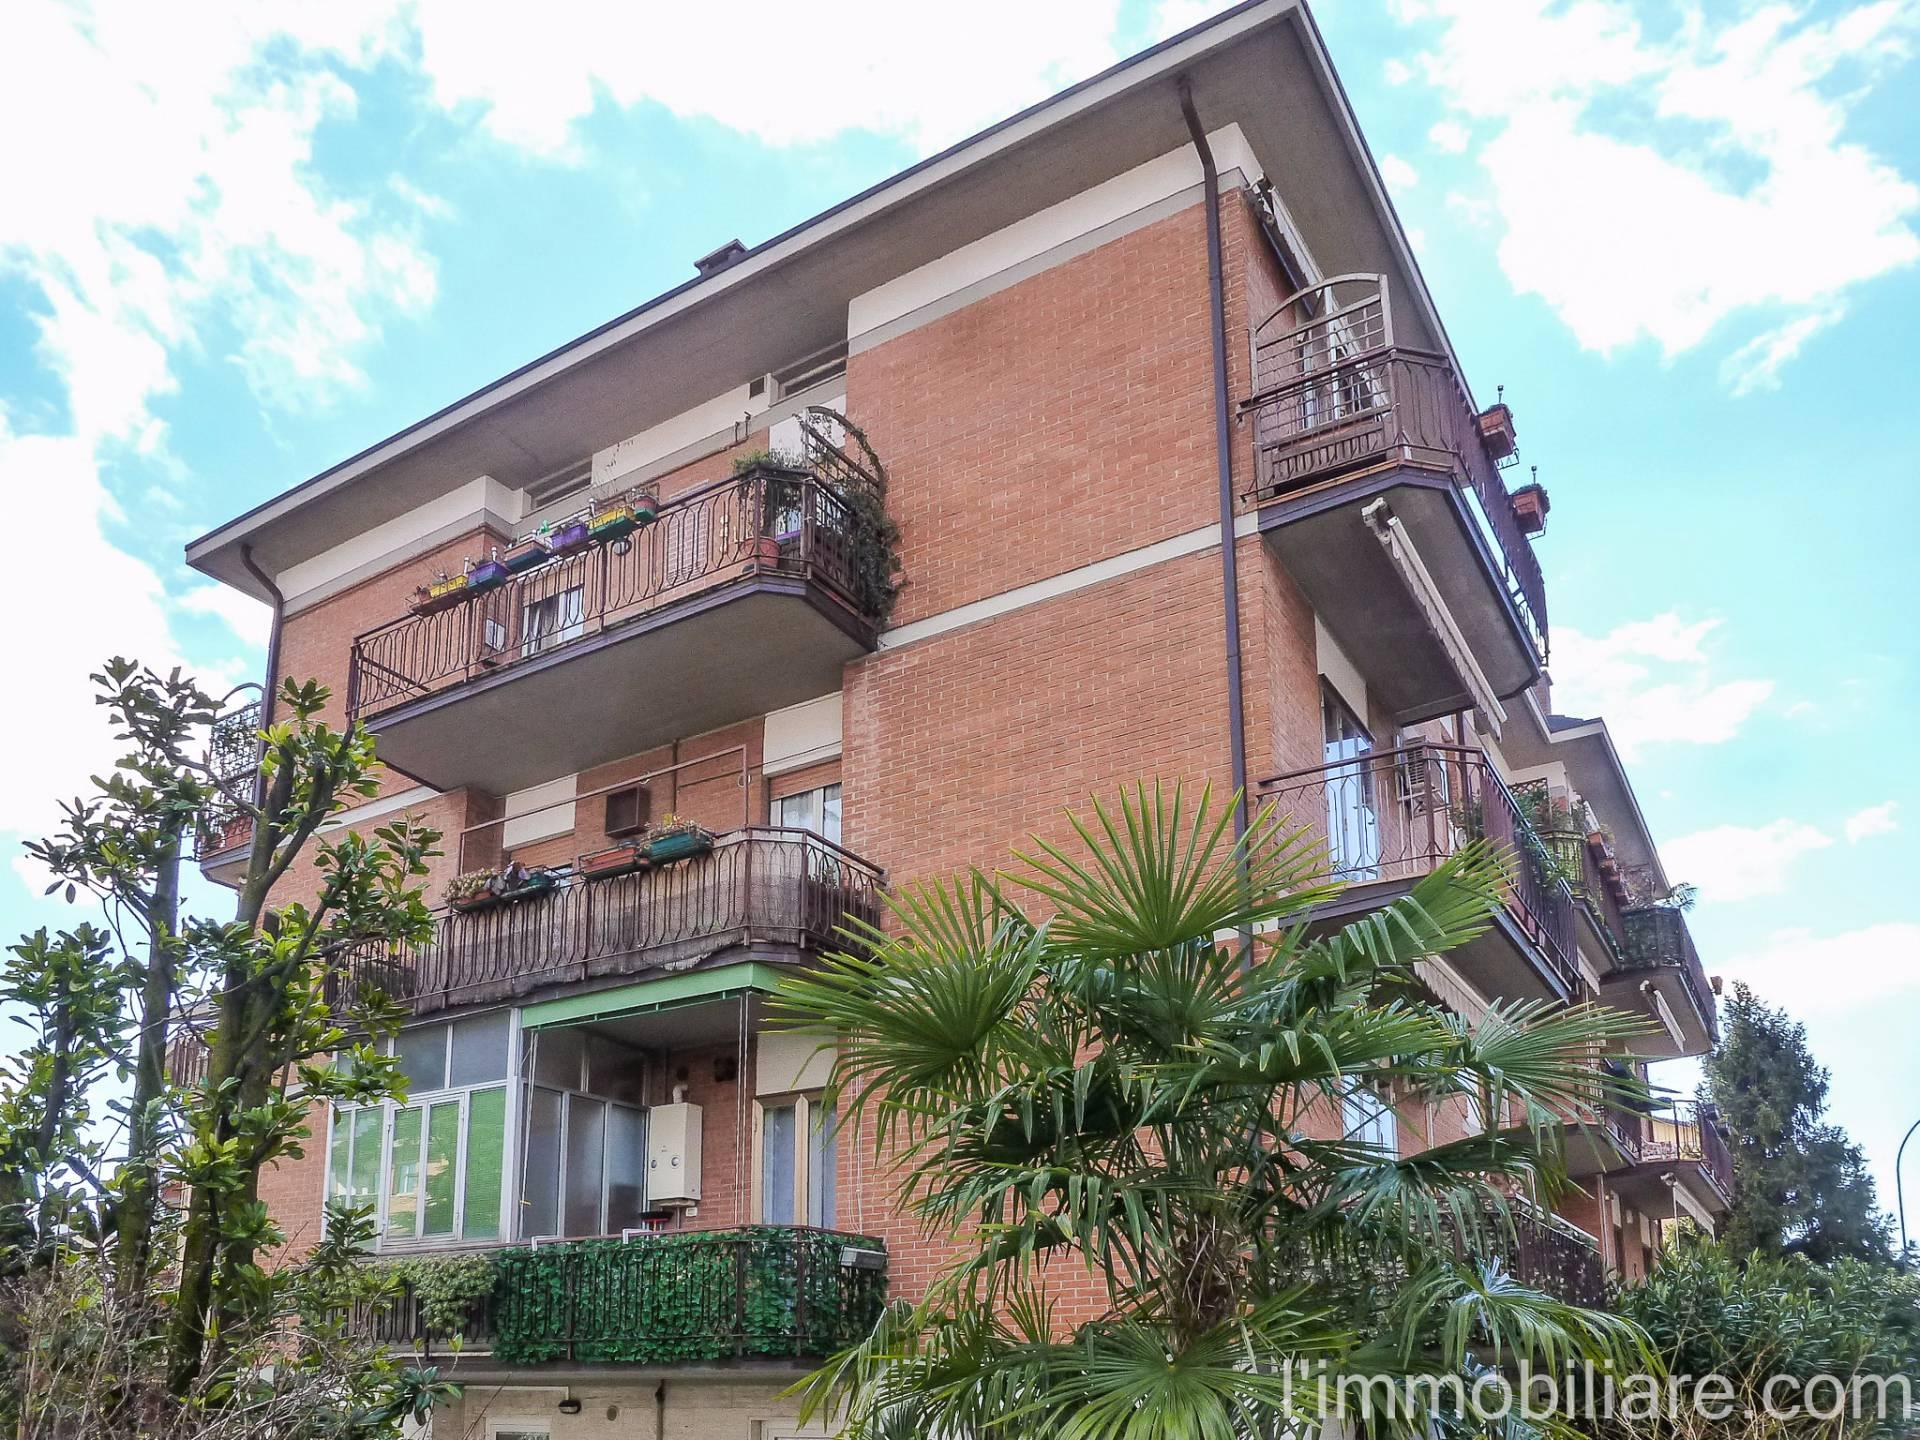 Appartamento in affitto a Verona, 5 locali, zona Zona: 5 . Quinzano - Pindemonte - Ponte Crencano - Valdonega - Avesa , prezzo € 650 | Cambio Casa.it